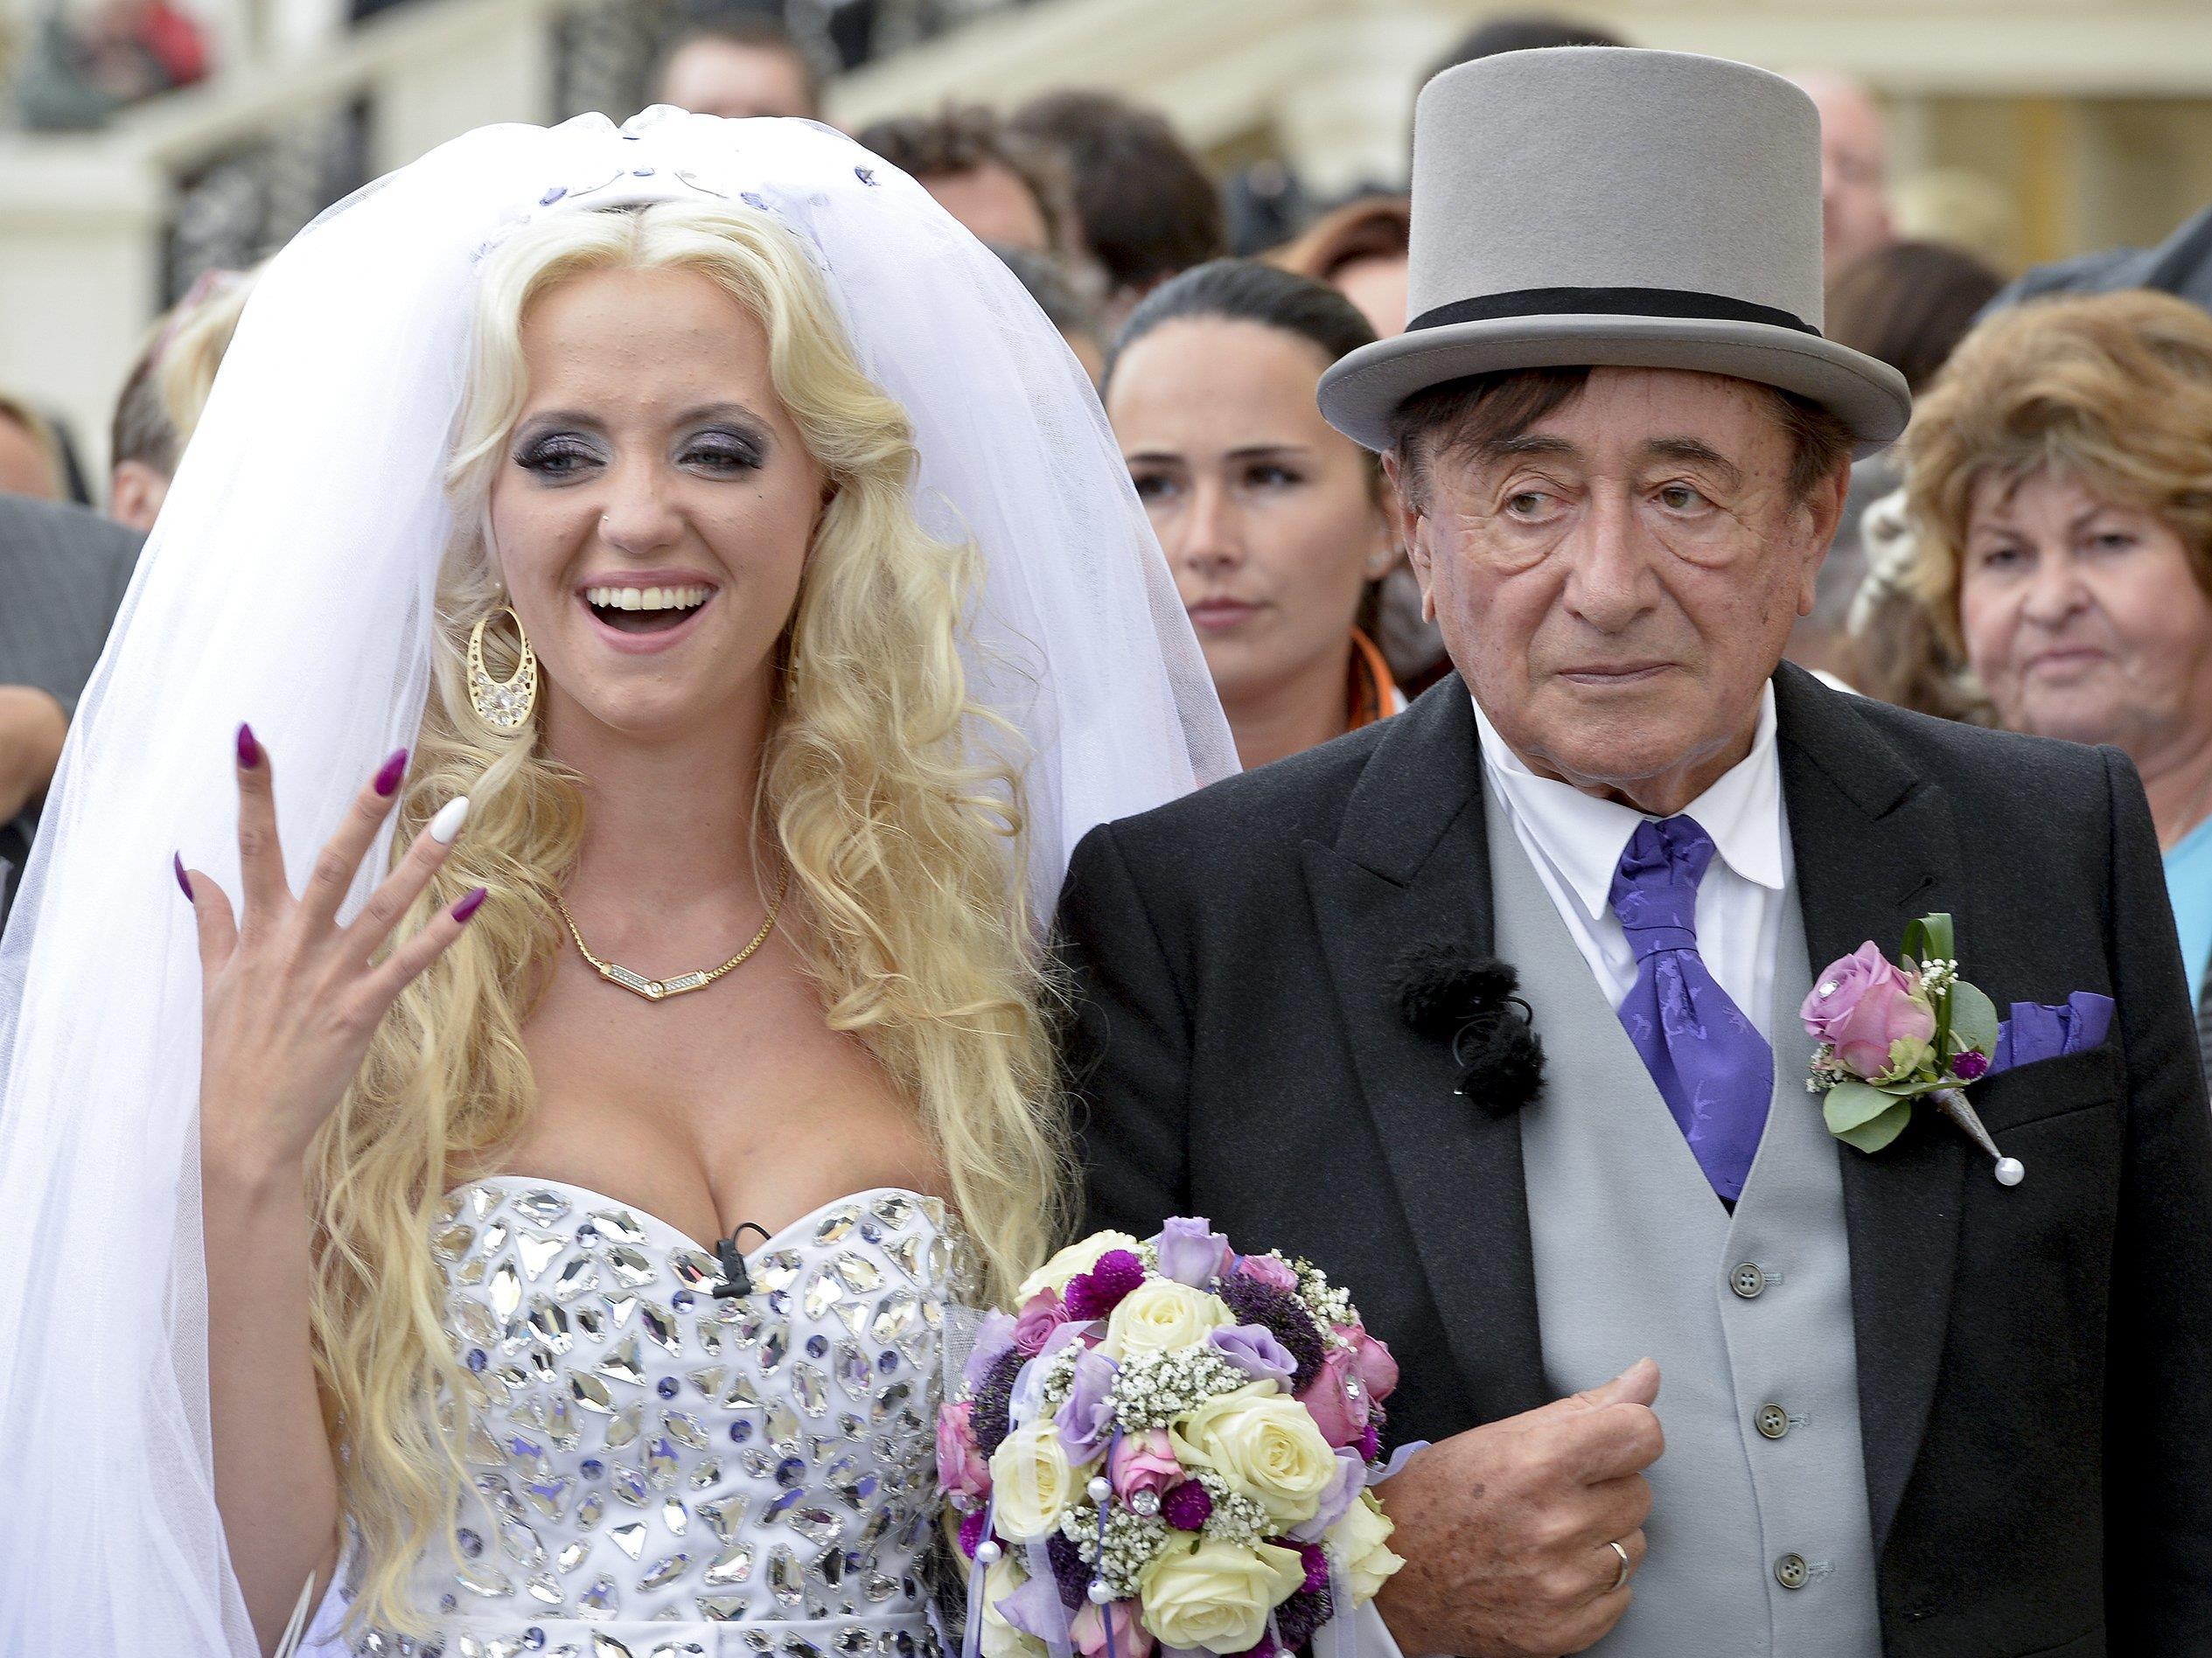 Cathy und Richard Lugner bei ihrer Hochzeit.